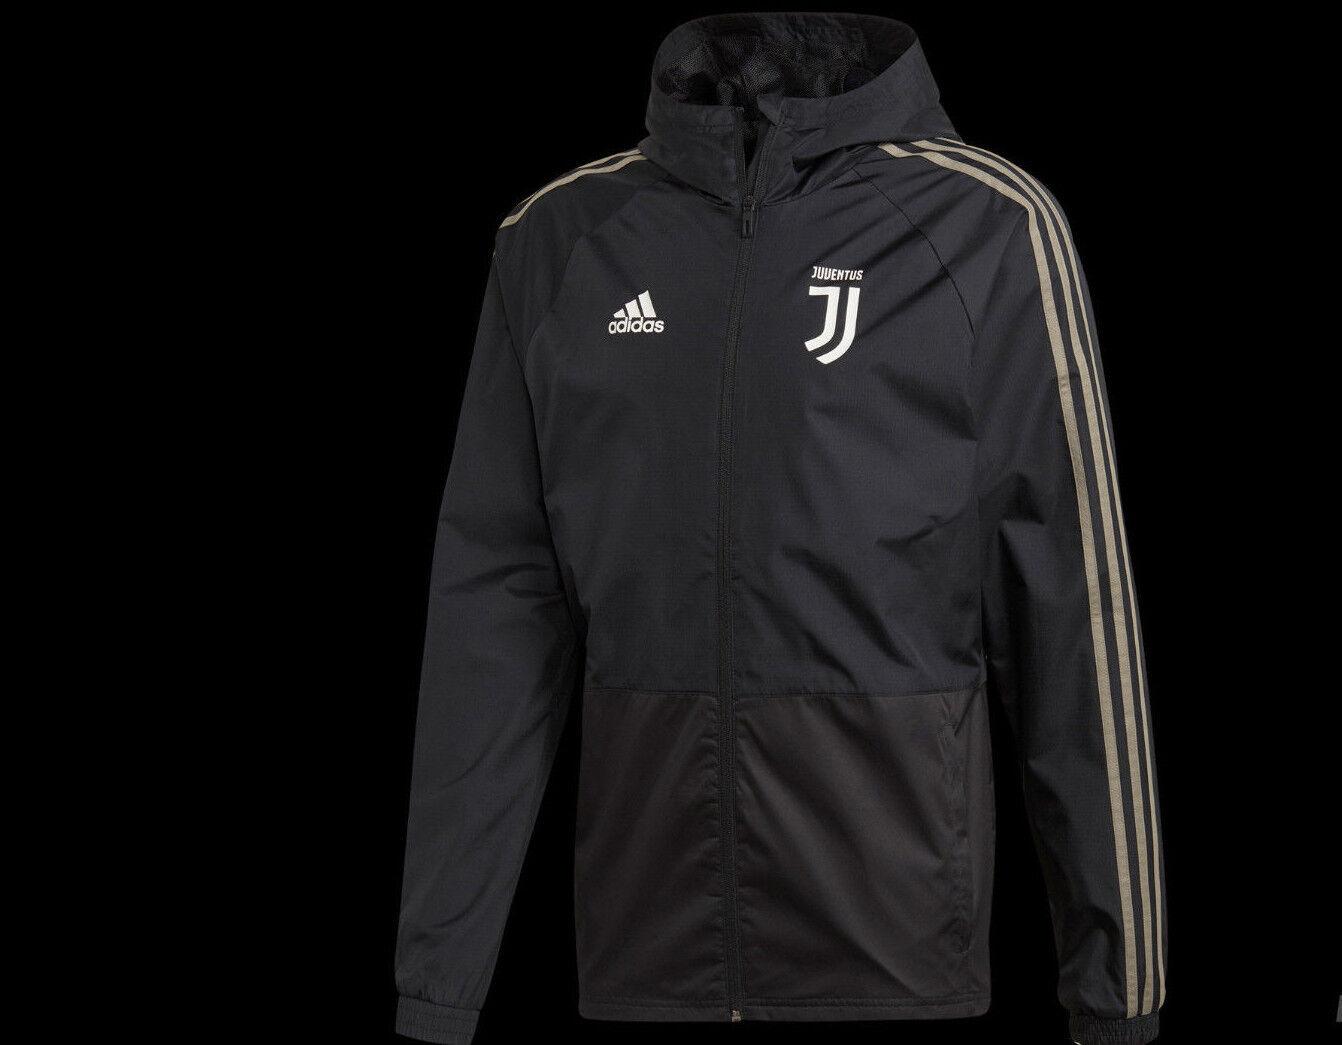 Kway Adidas Juventus Juve Herren mit Kapuze für regen schwarz Beige CW8726